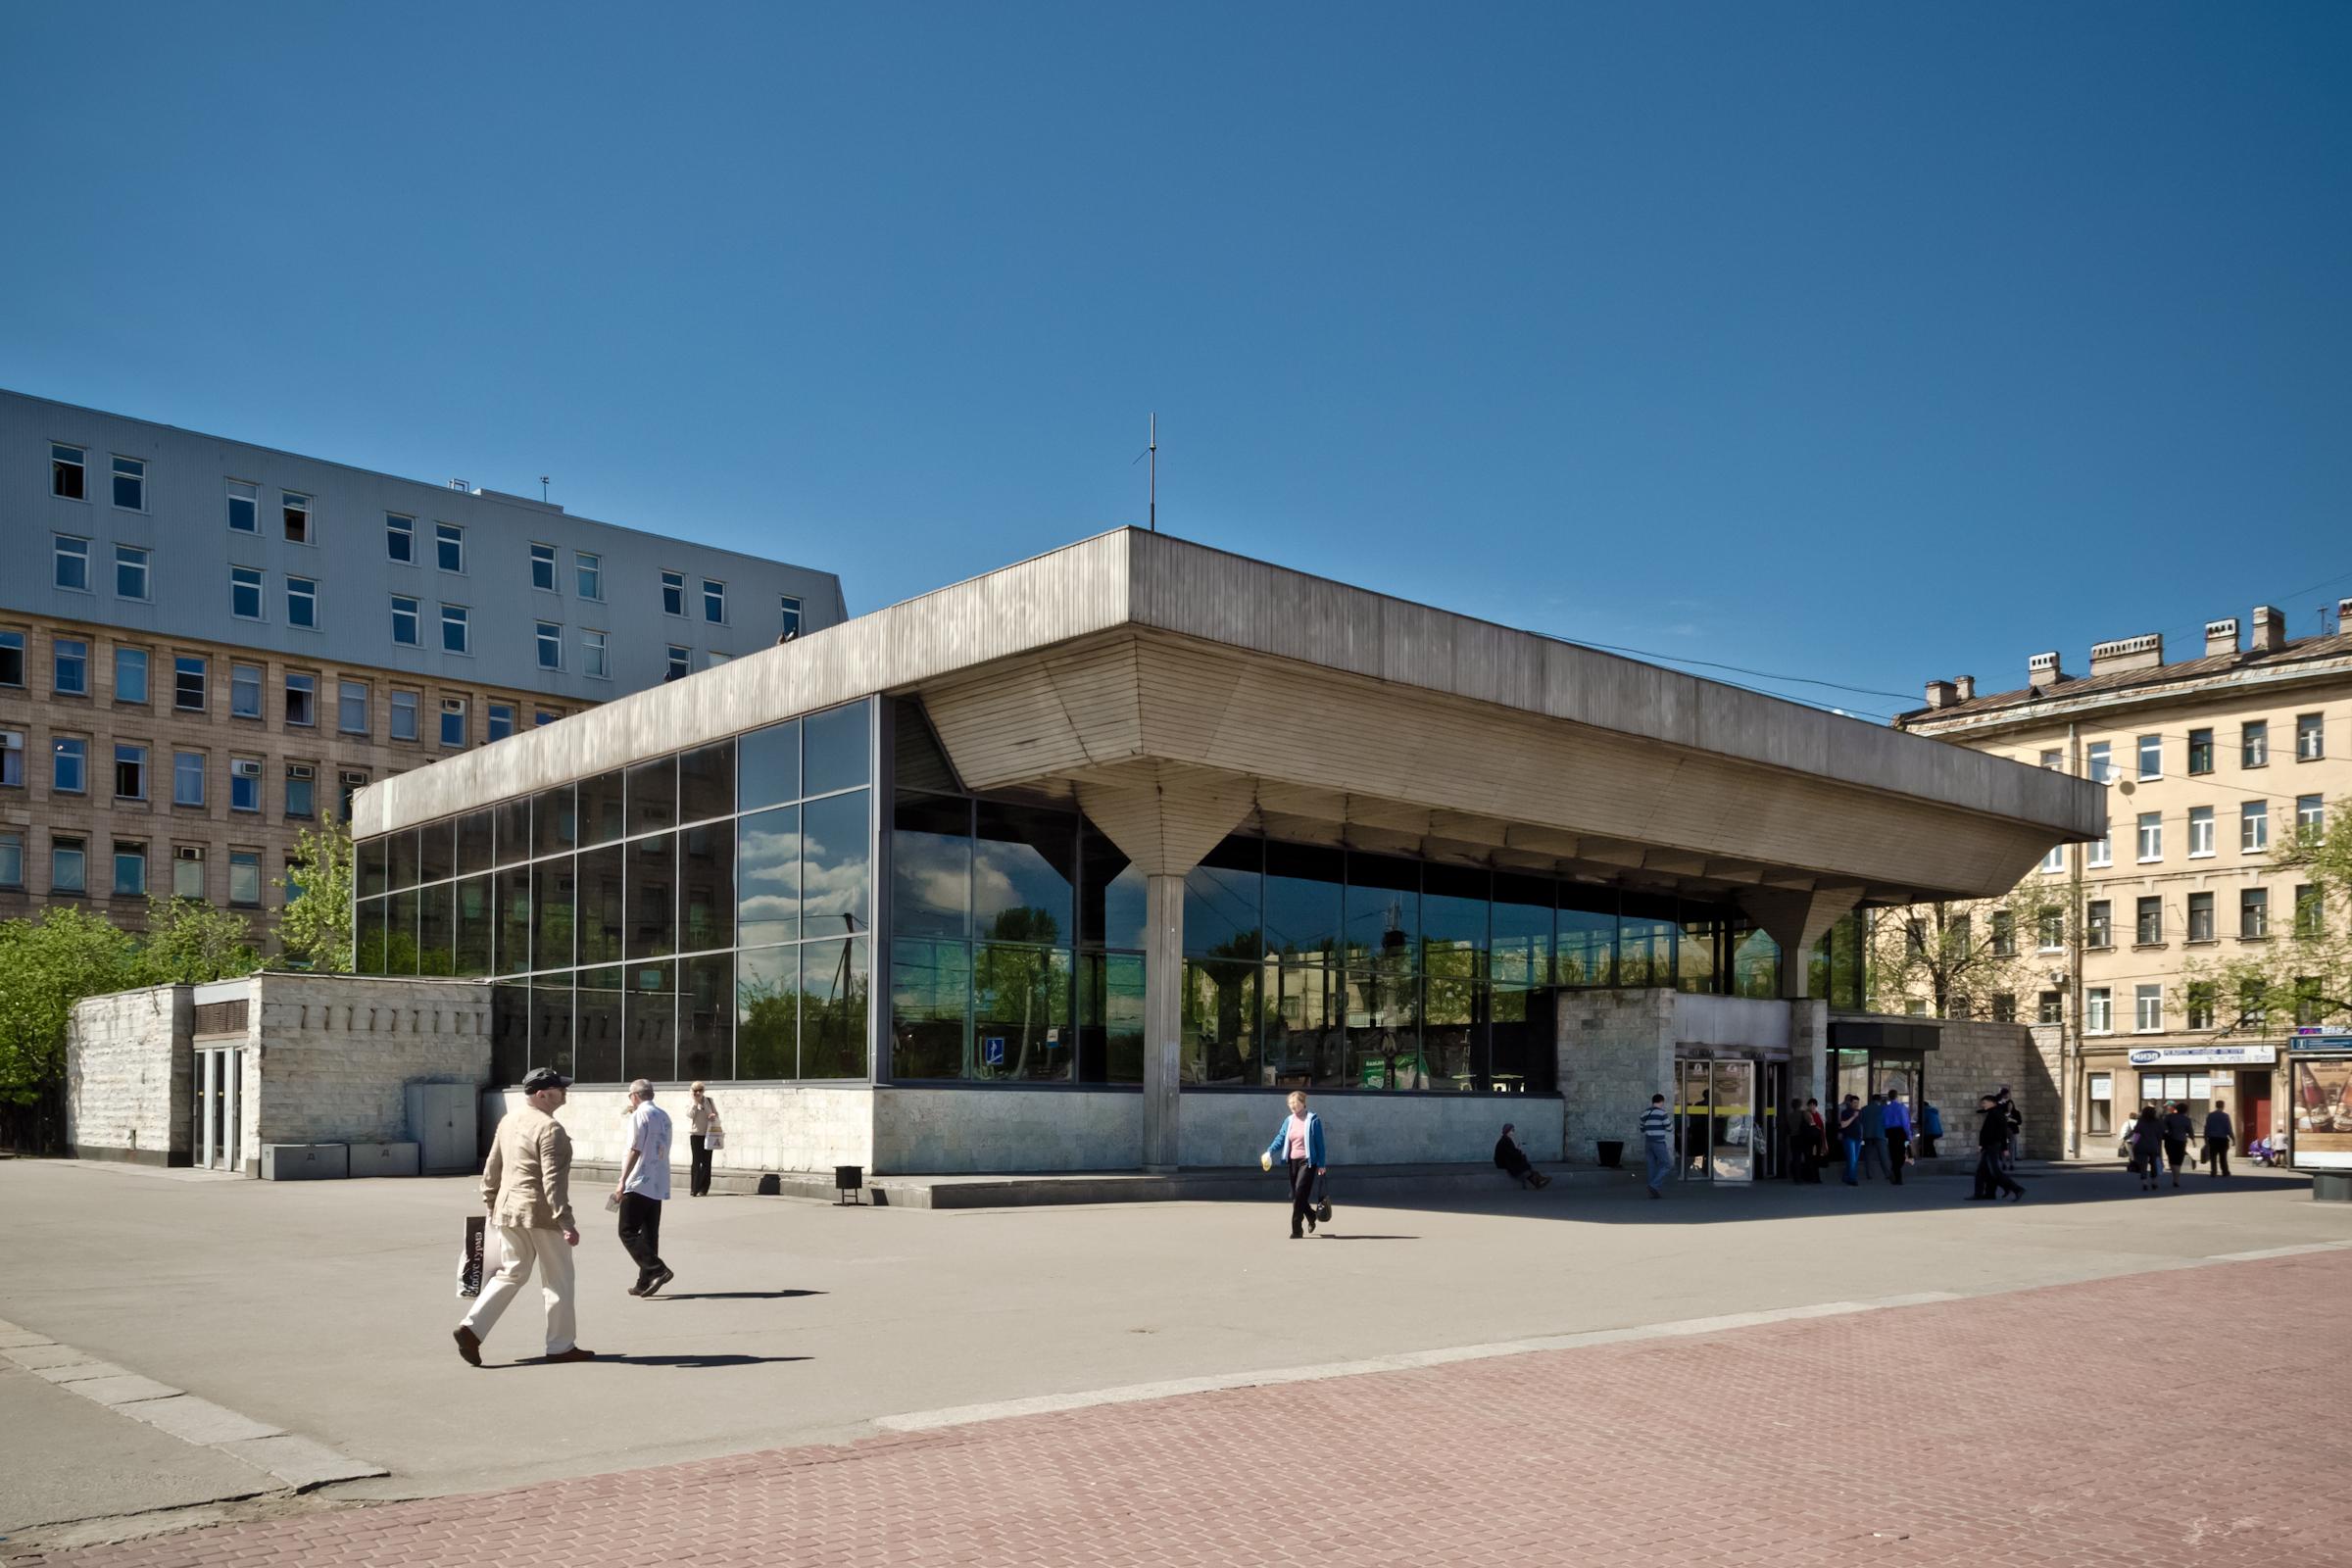 Устанции метро «Выборгская» начисто снесут торговые павильоны— Долой ларьки